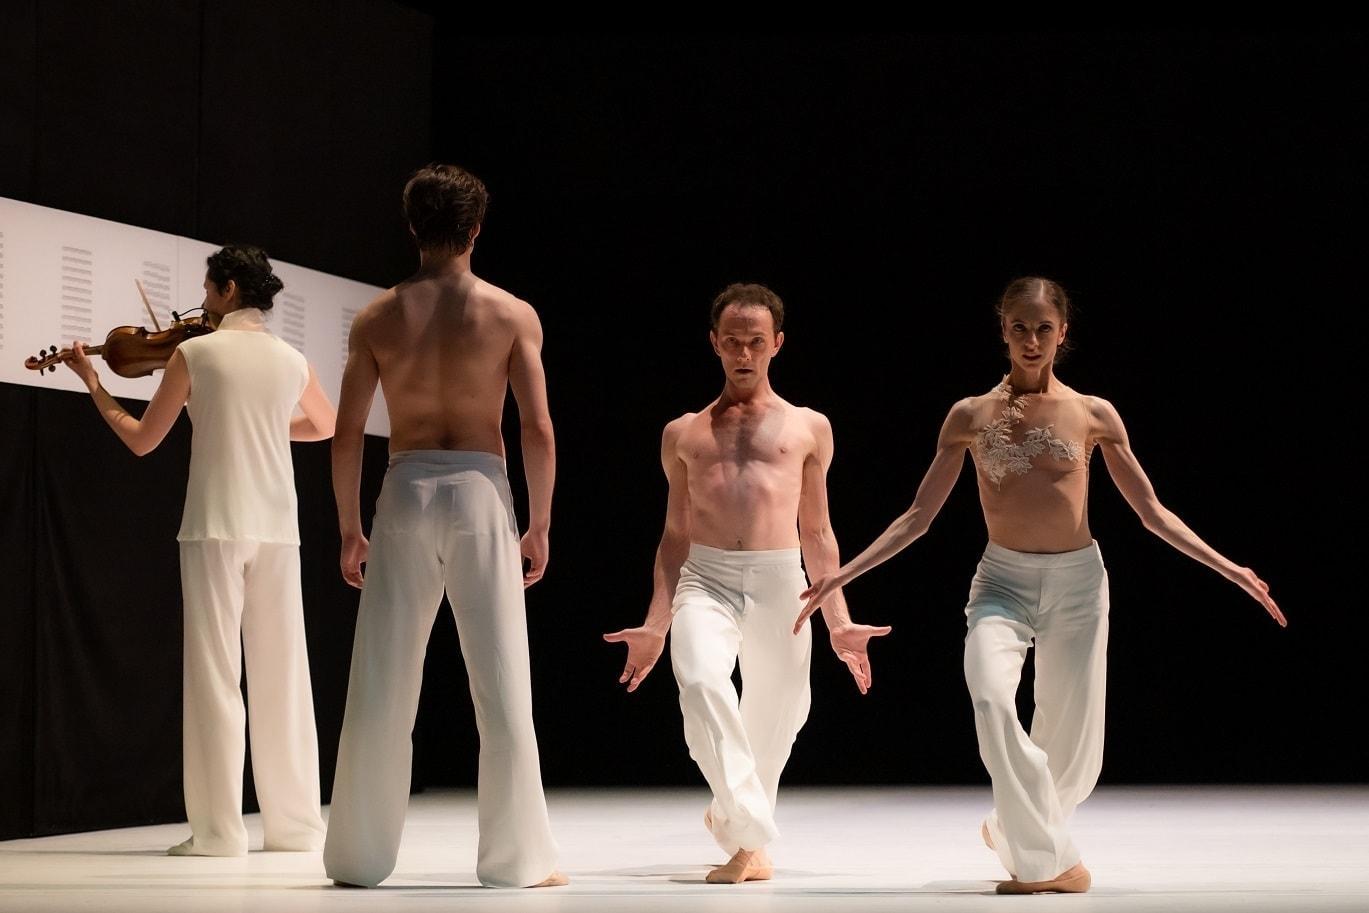 """Фото из балета """"Postscript"""" в постановке Пола Лайтфута и Соль Леон. Фото - Батыр Аннадурдыев/MuzArts"""